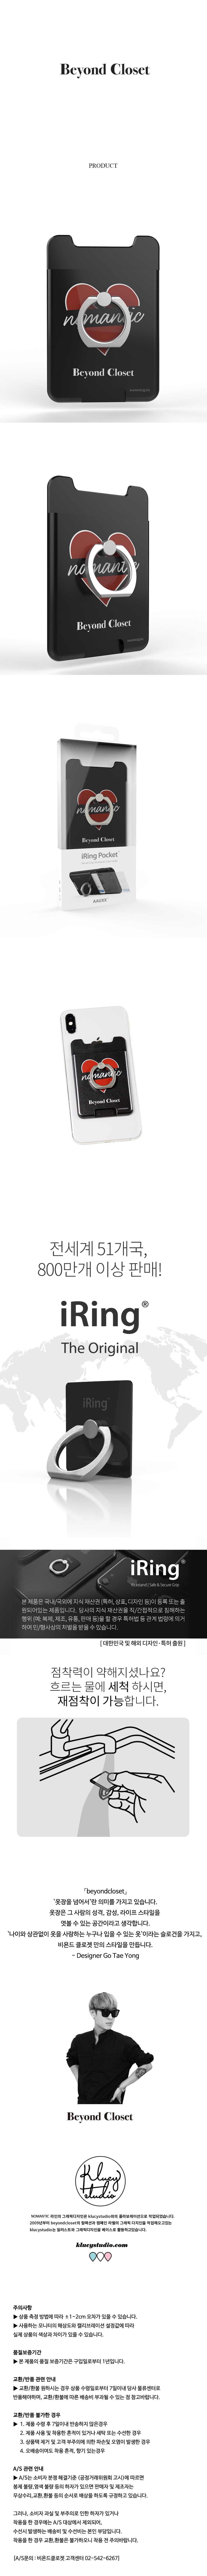 비욘드클로젯(BEYOND CLOSET) 노맨틱 로고 아이링 포켓